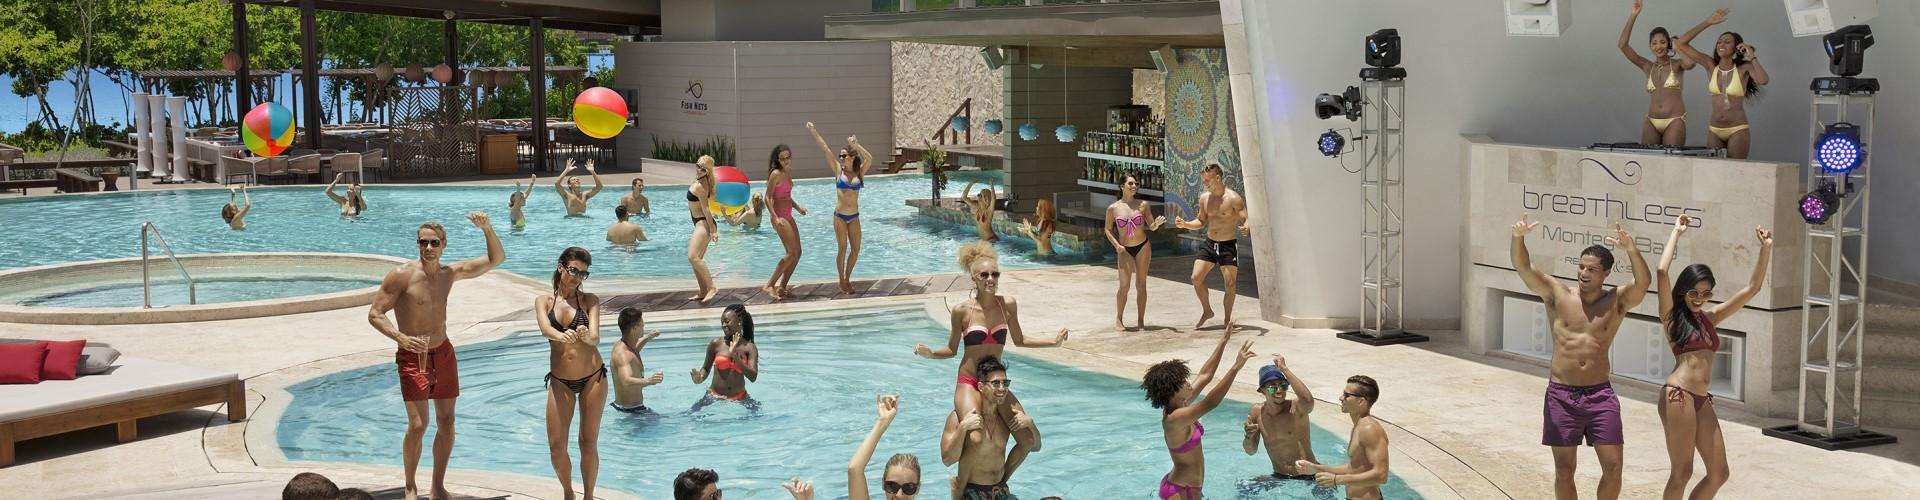 BREMB_Pool_Party_2A_RGB